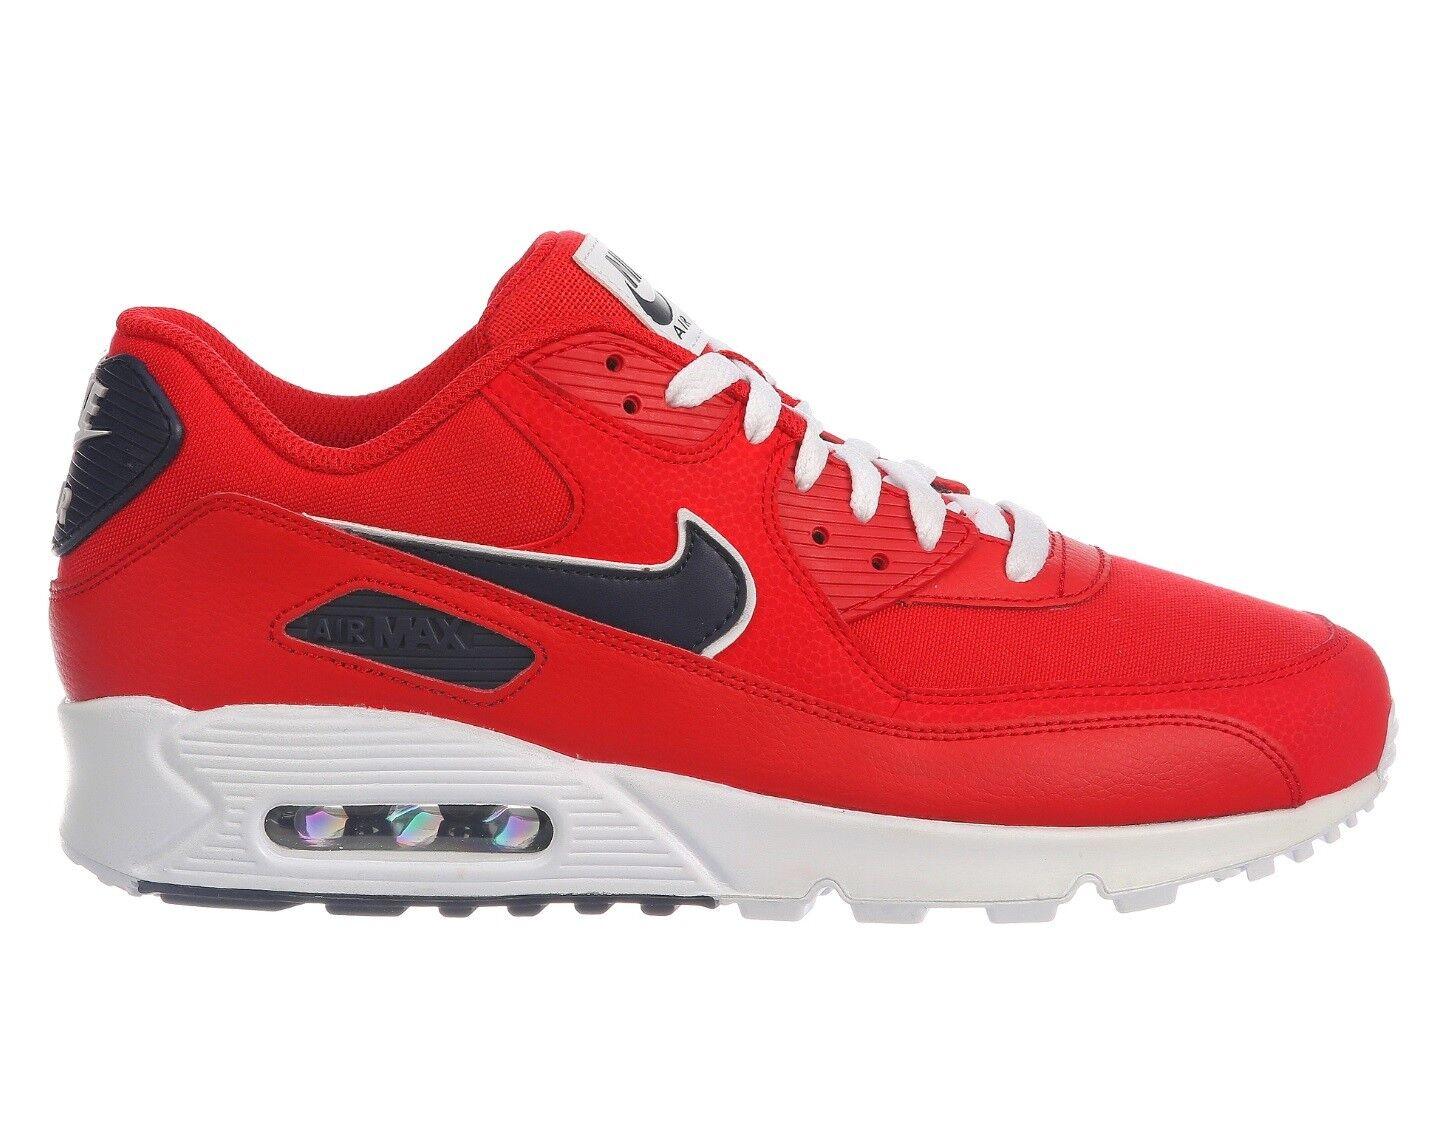 Nike air max 90 essenziale del pacchetto Uomo aj1285-601 rosso blu scarpe taglia